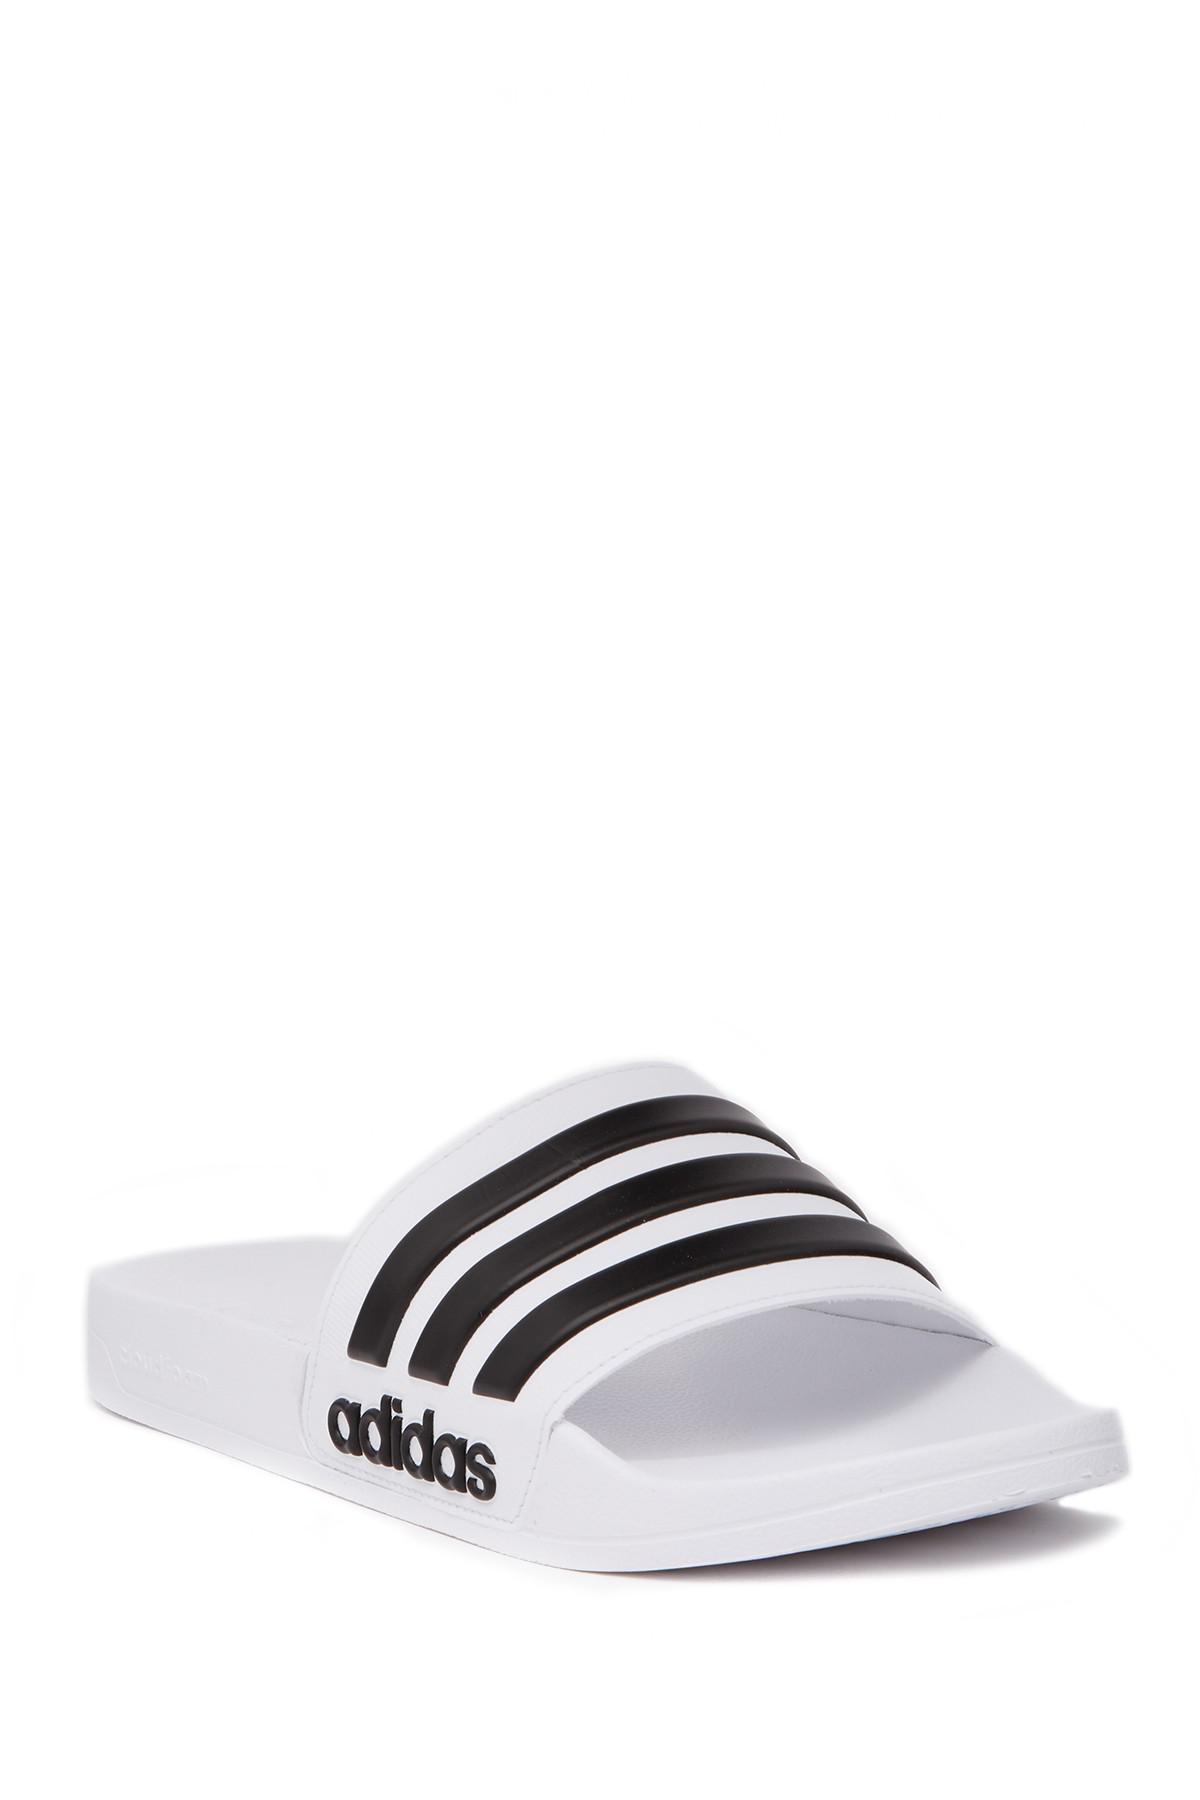 c5b6a9dd3dcb77 Adidas - Multicolor Adidette Shower Slide Sandal for Men - Lyst. View  fullscreen